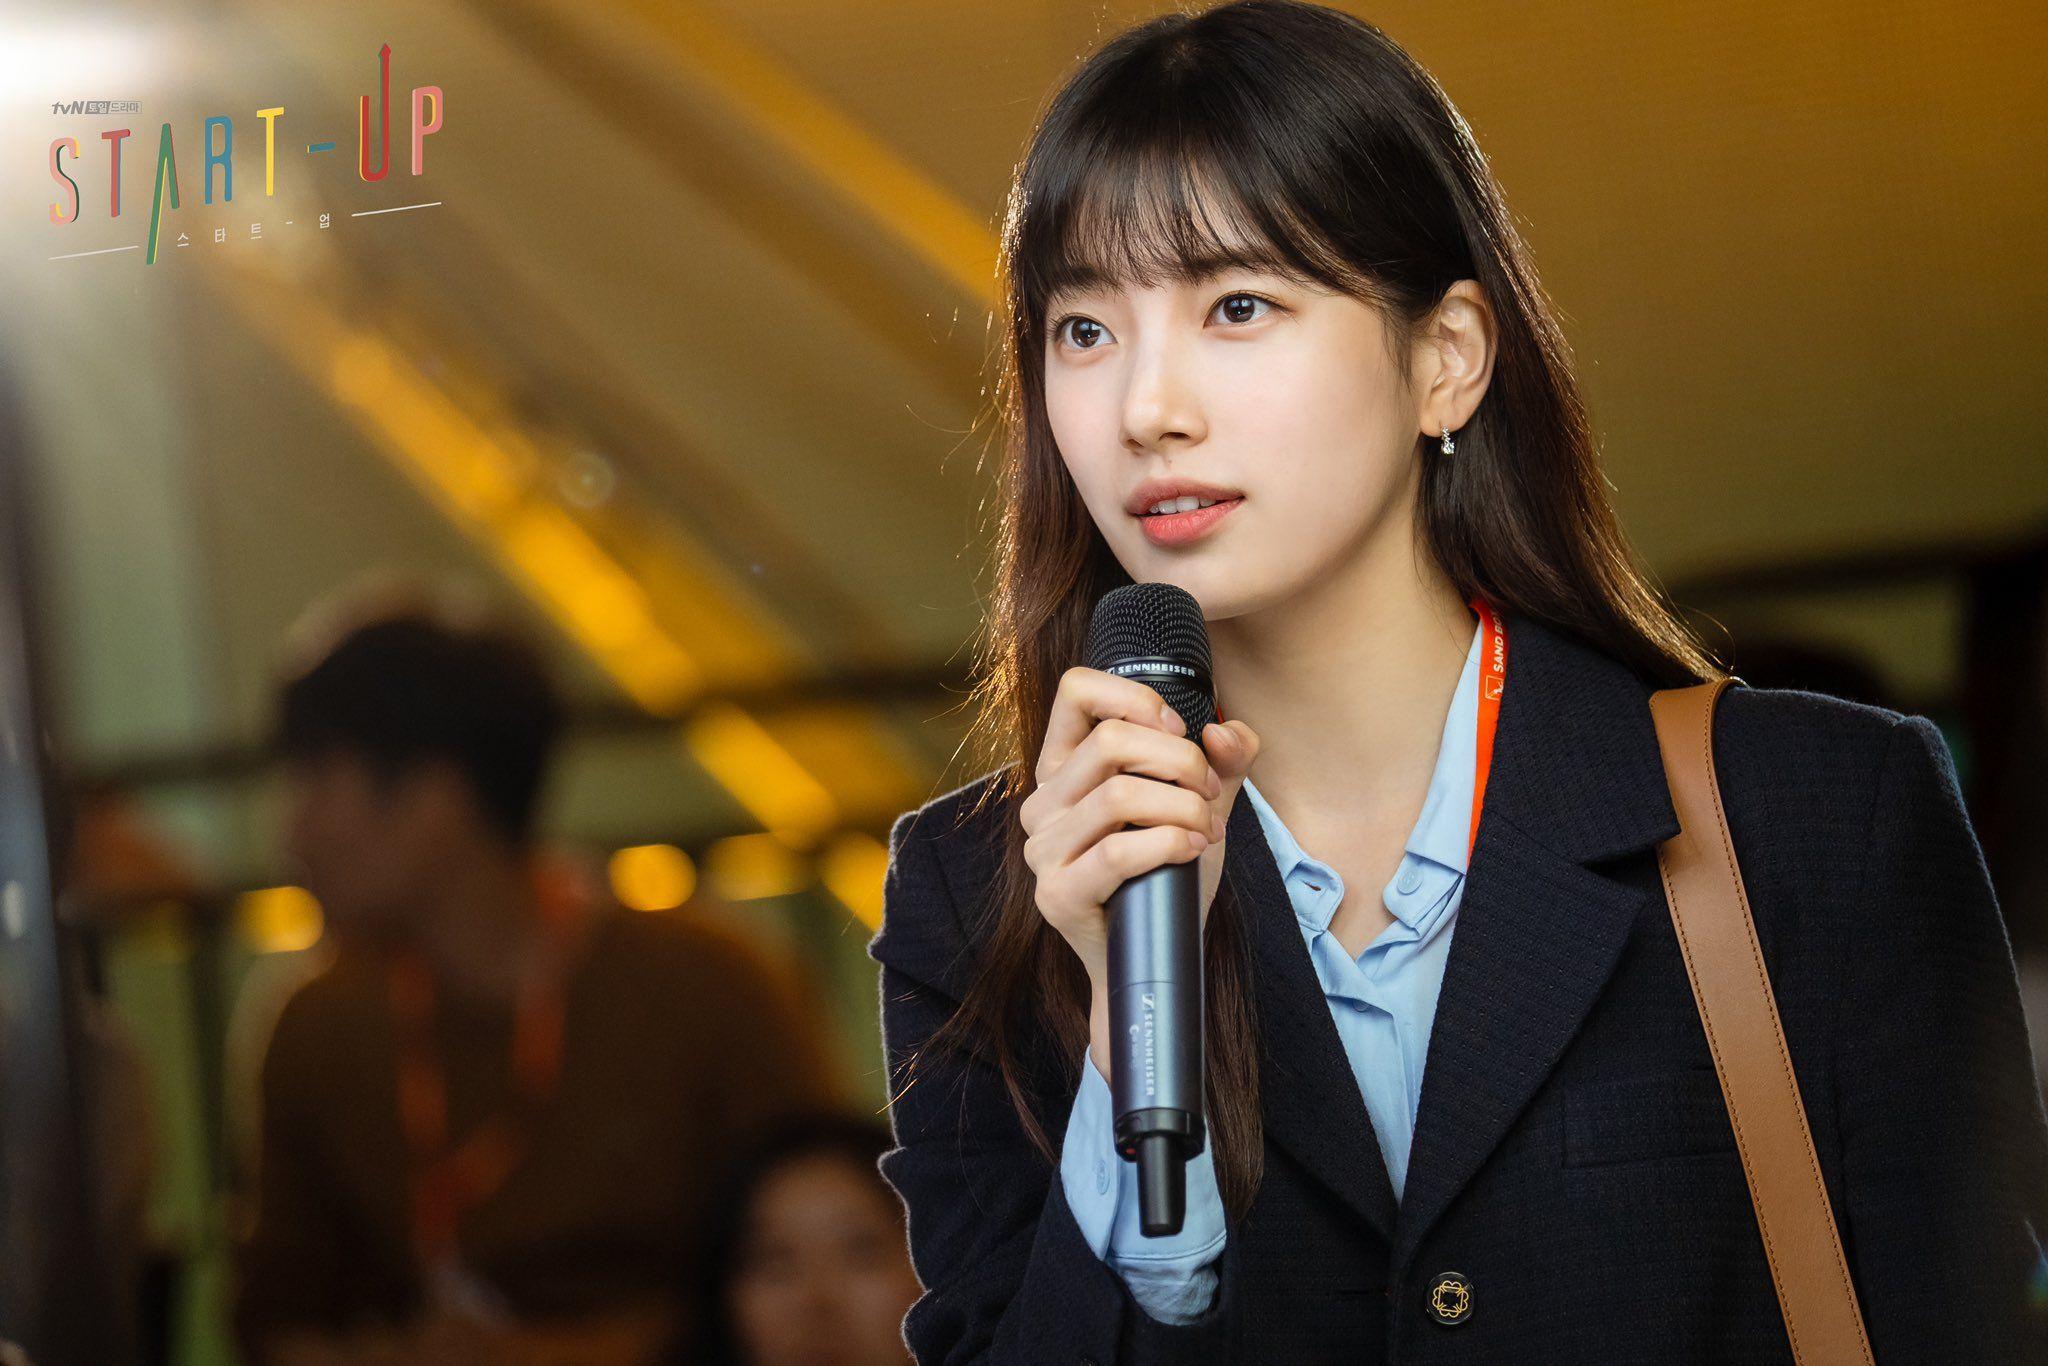 Học ngay Suzy trong Star-Up 4 cách diện áo sơ mi trẻ trung, siêu thanh lịch và còn đẹp từ Hè sang Đông - Ảnh 8.